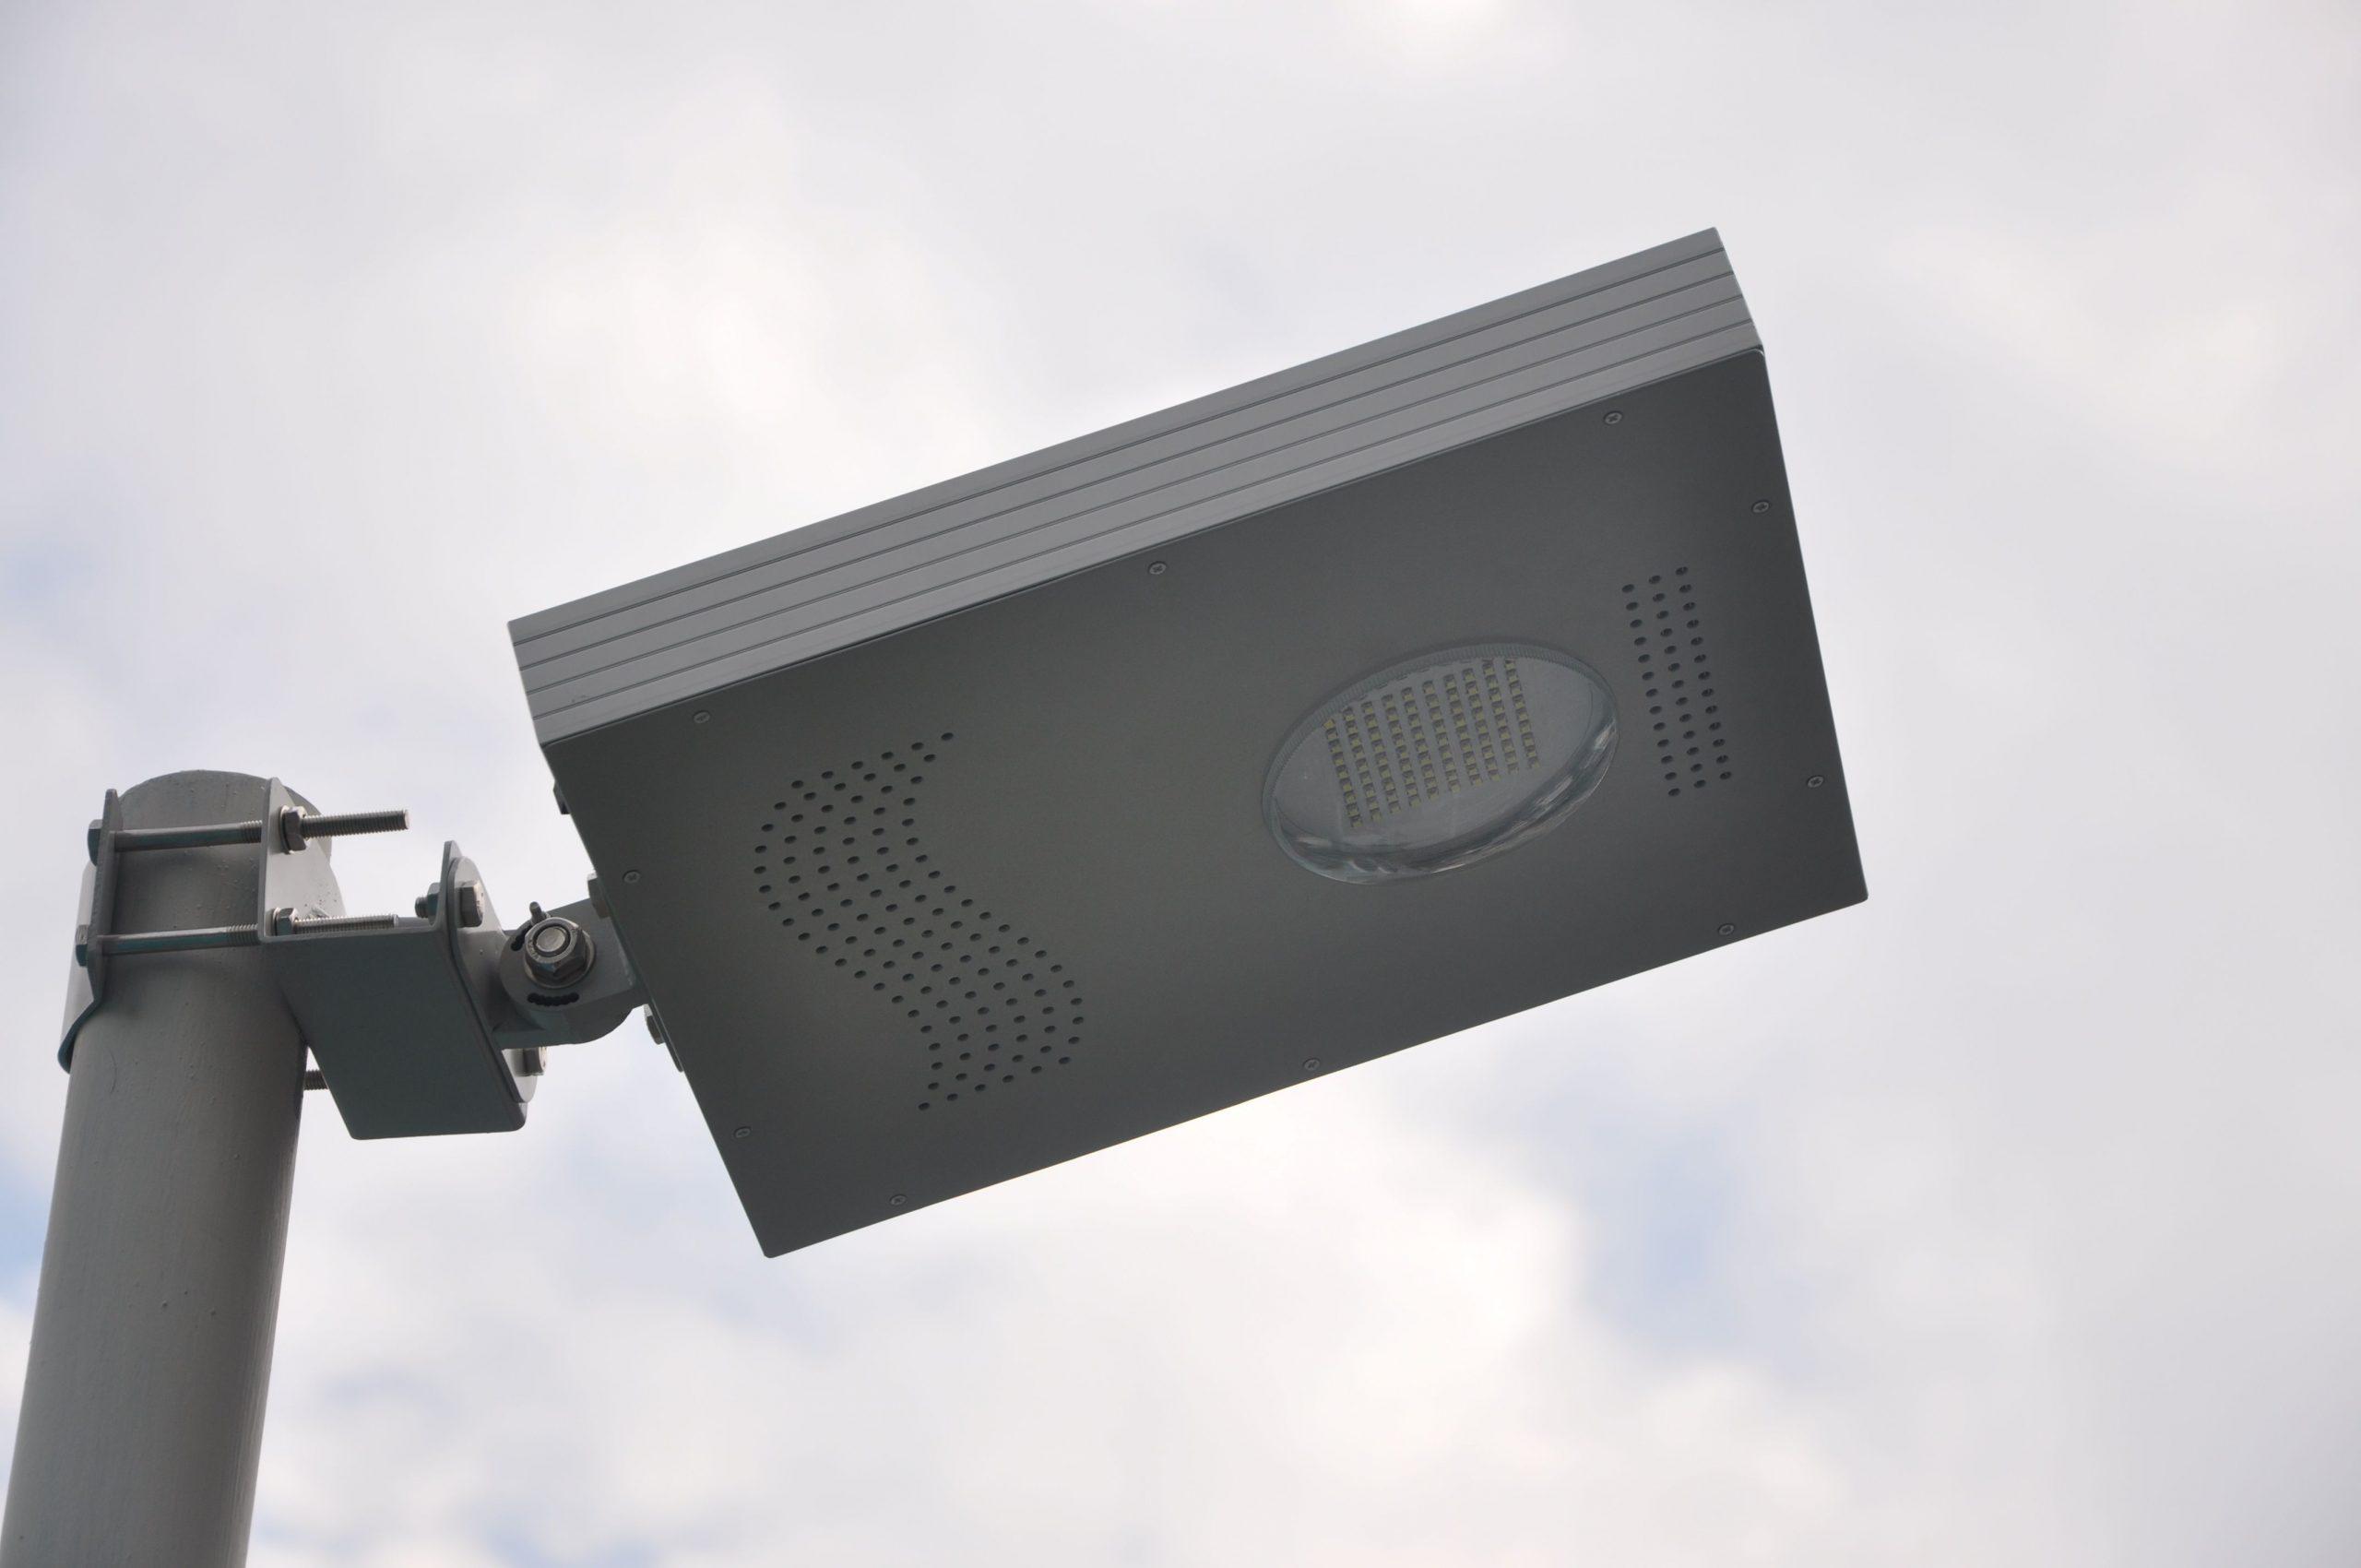 Lampe Projecteur Solaire Puissant Zs-A04- Lampadaire Solaire   Objetsolaire dedans Lampe Solaire Jardin Puissante